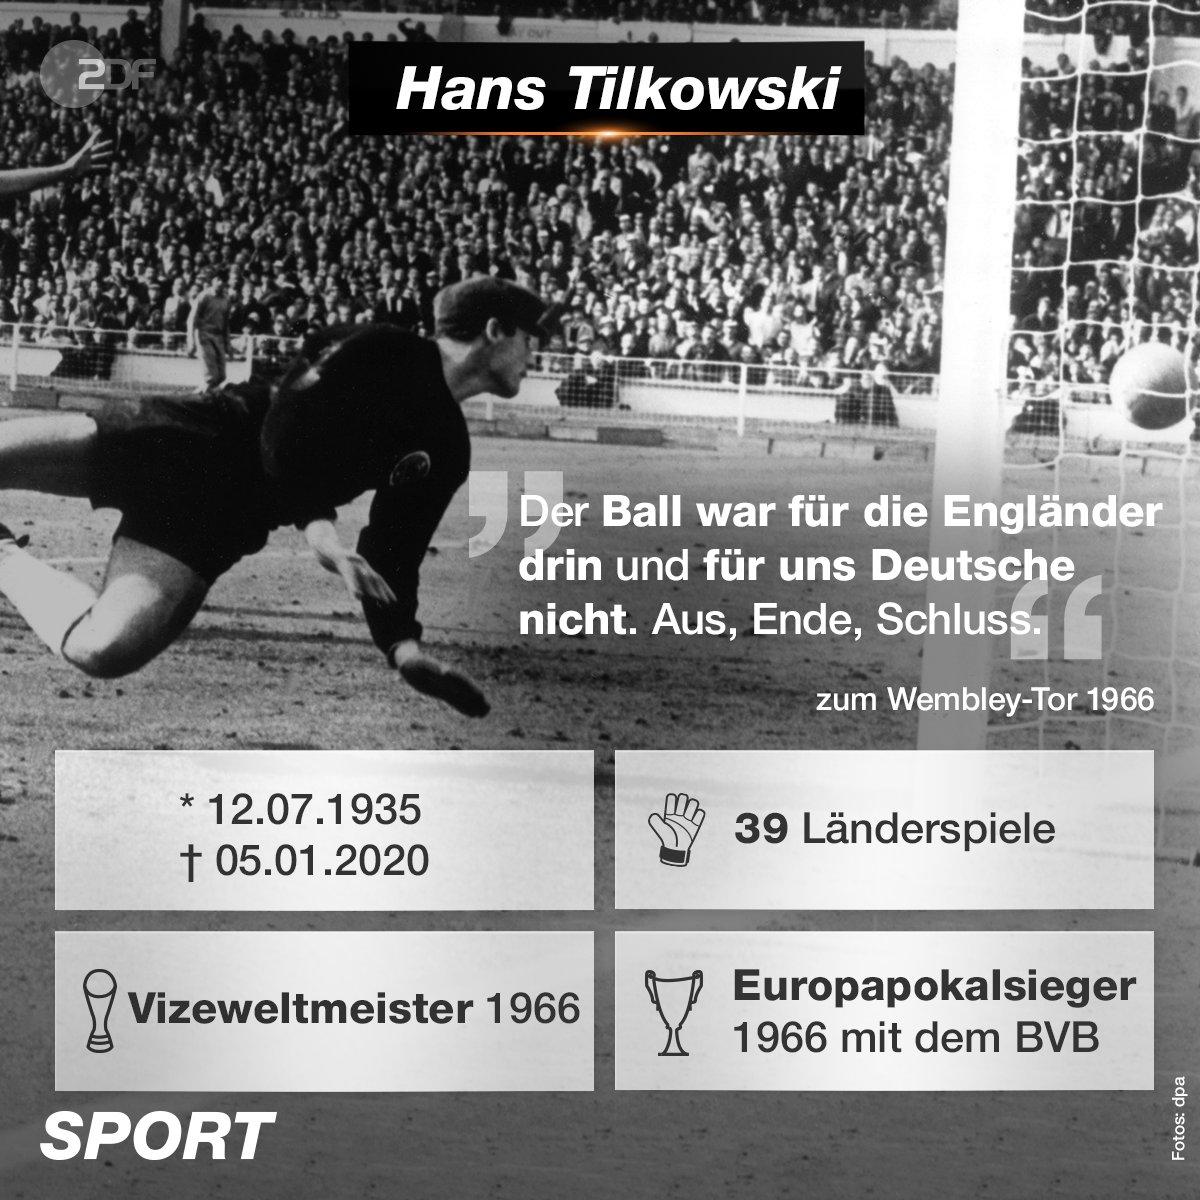 Hans Tilkowski